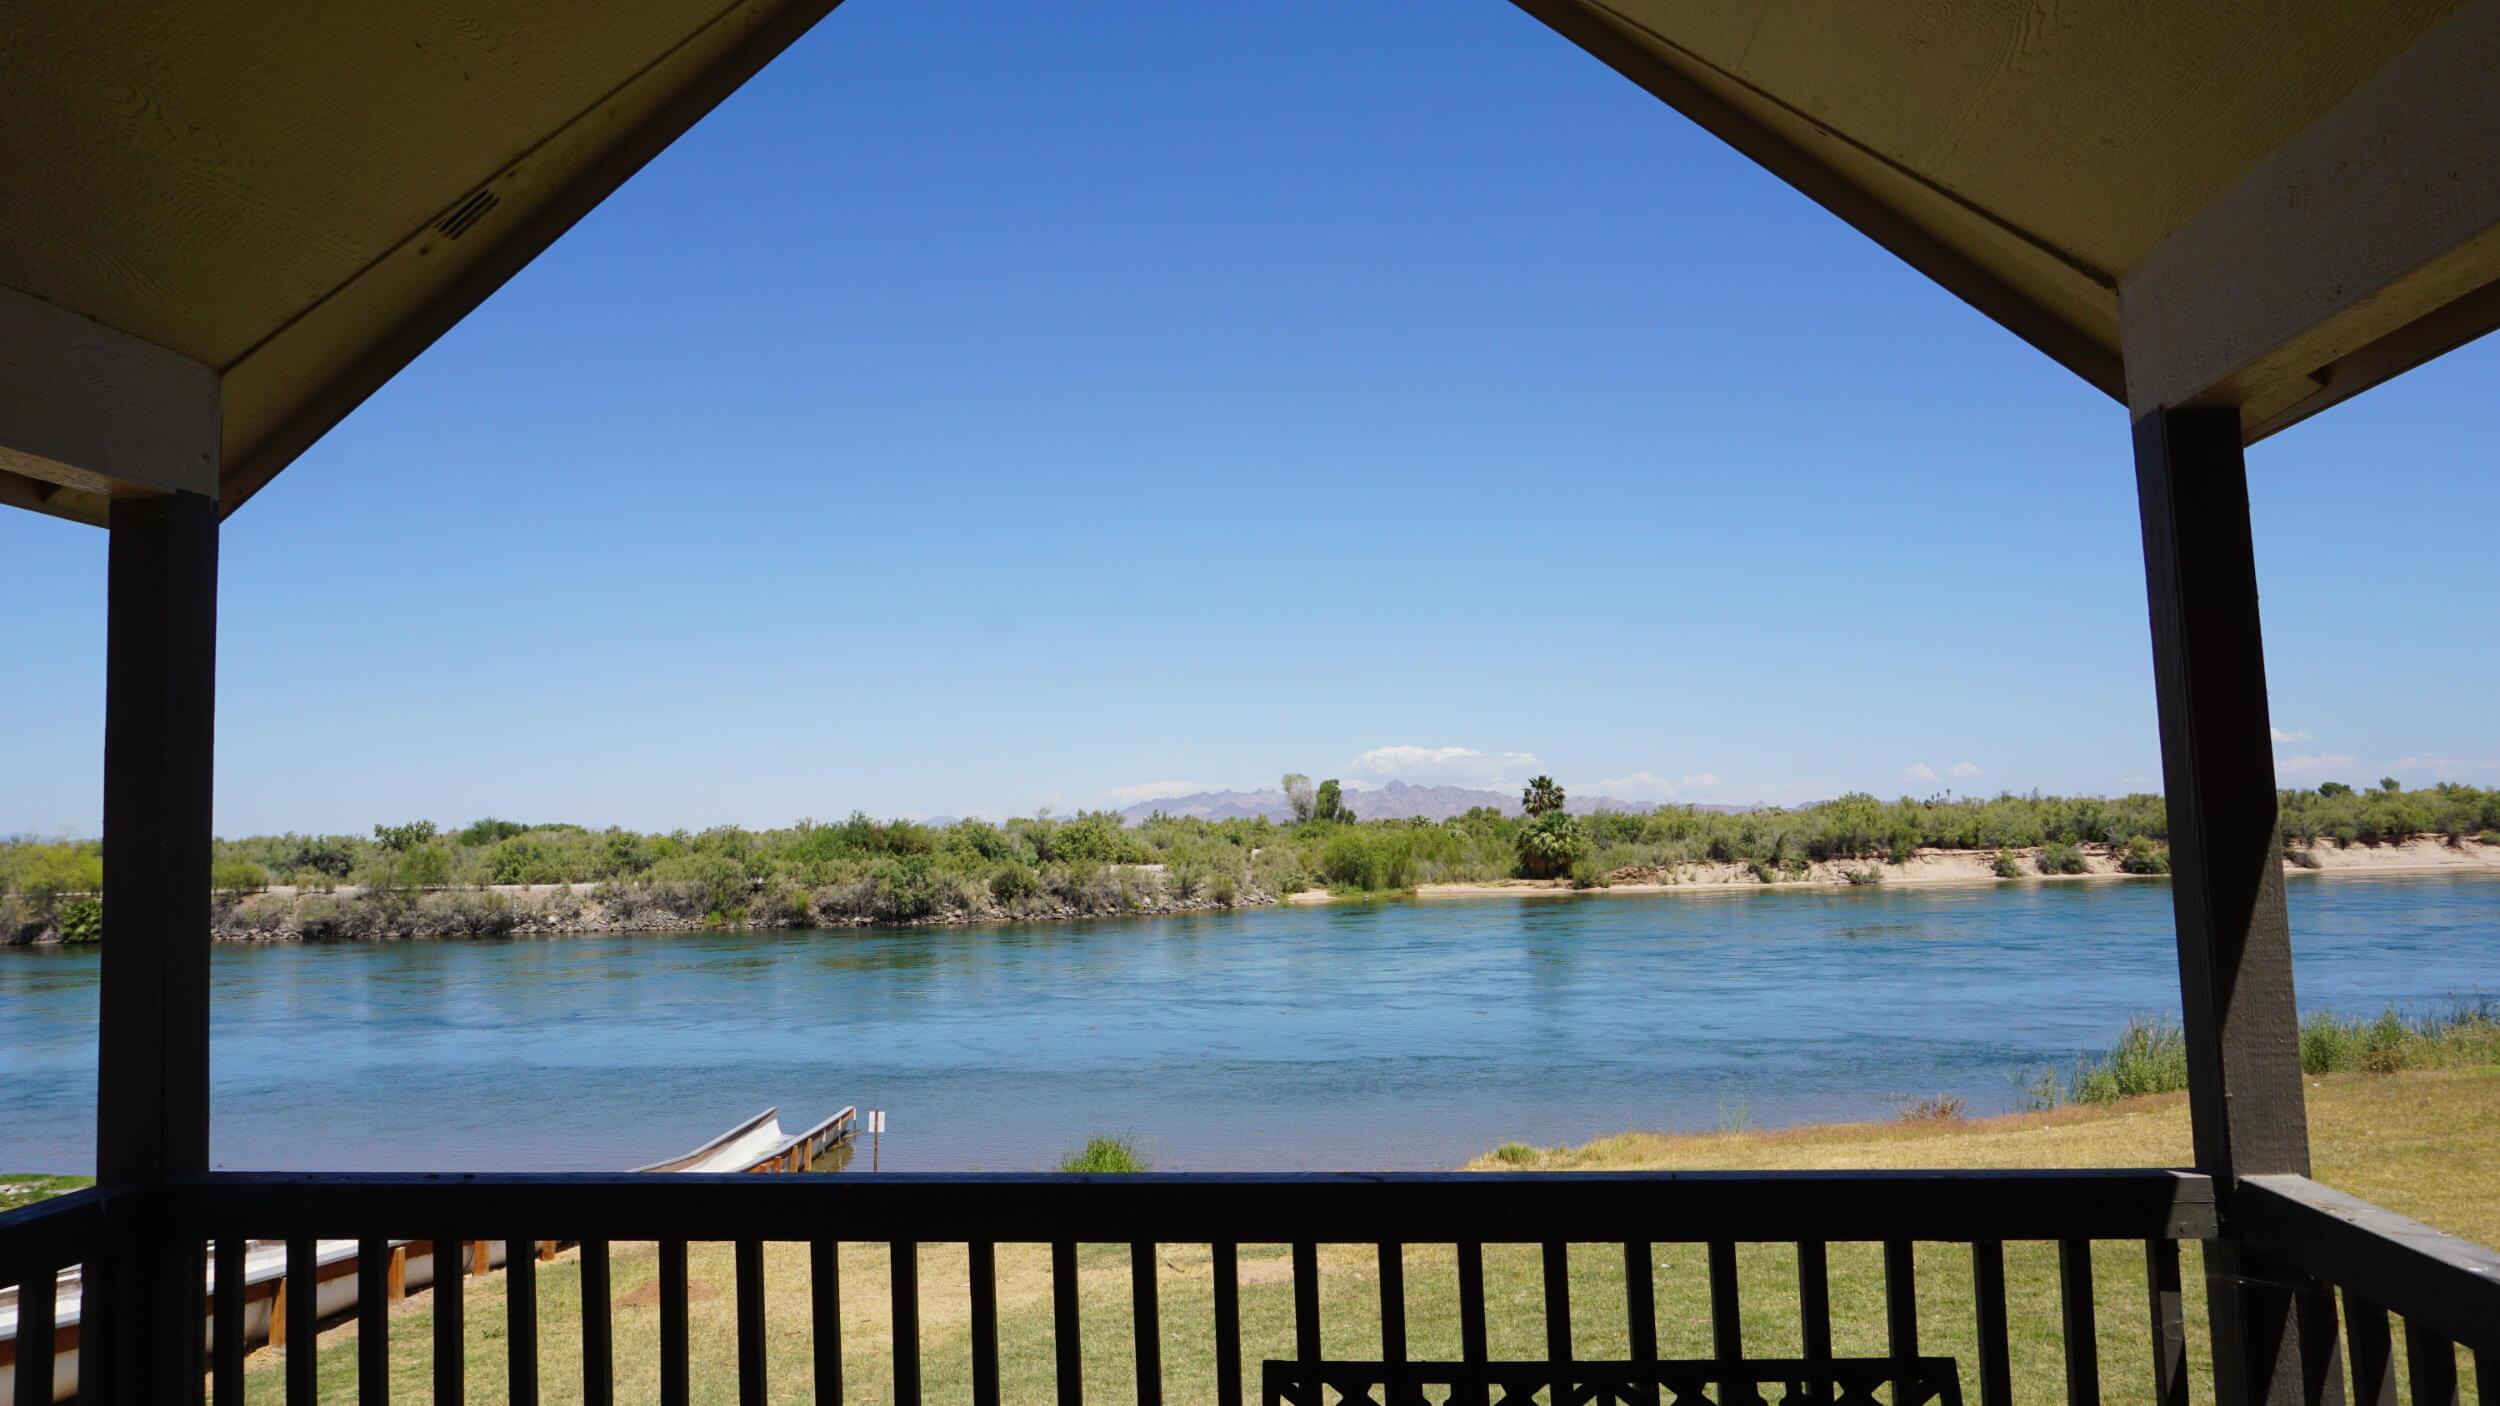 riverside-rental-deck-view.jpg